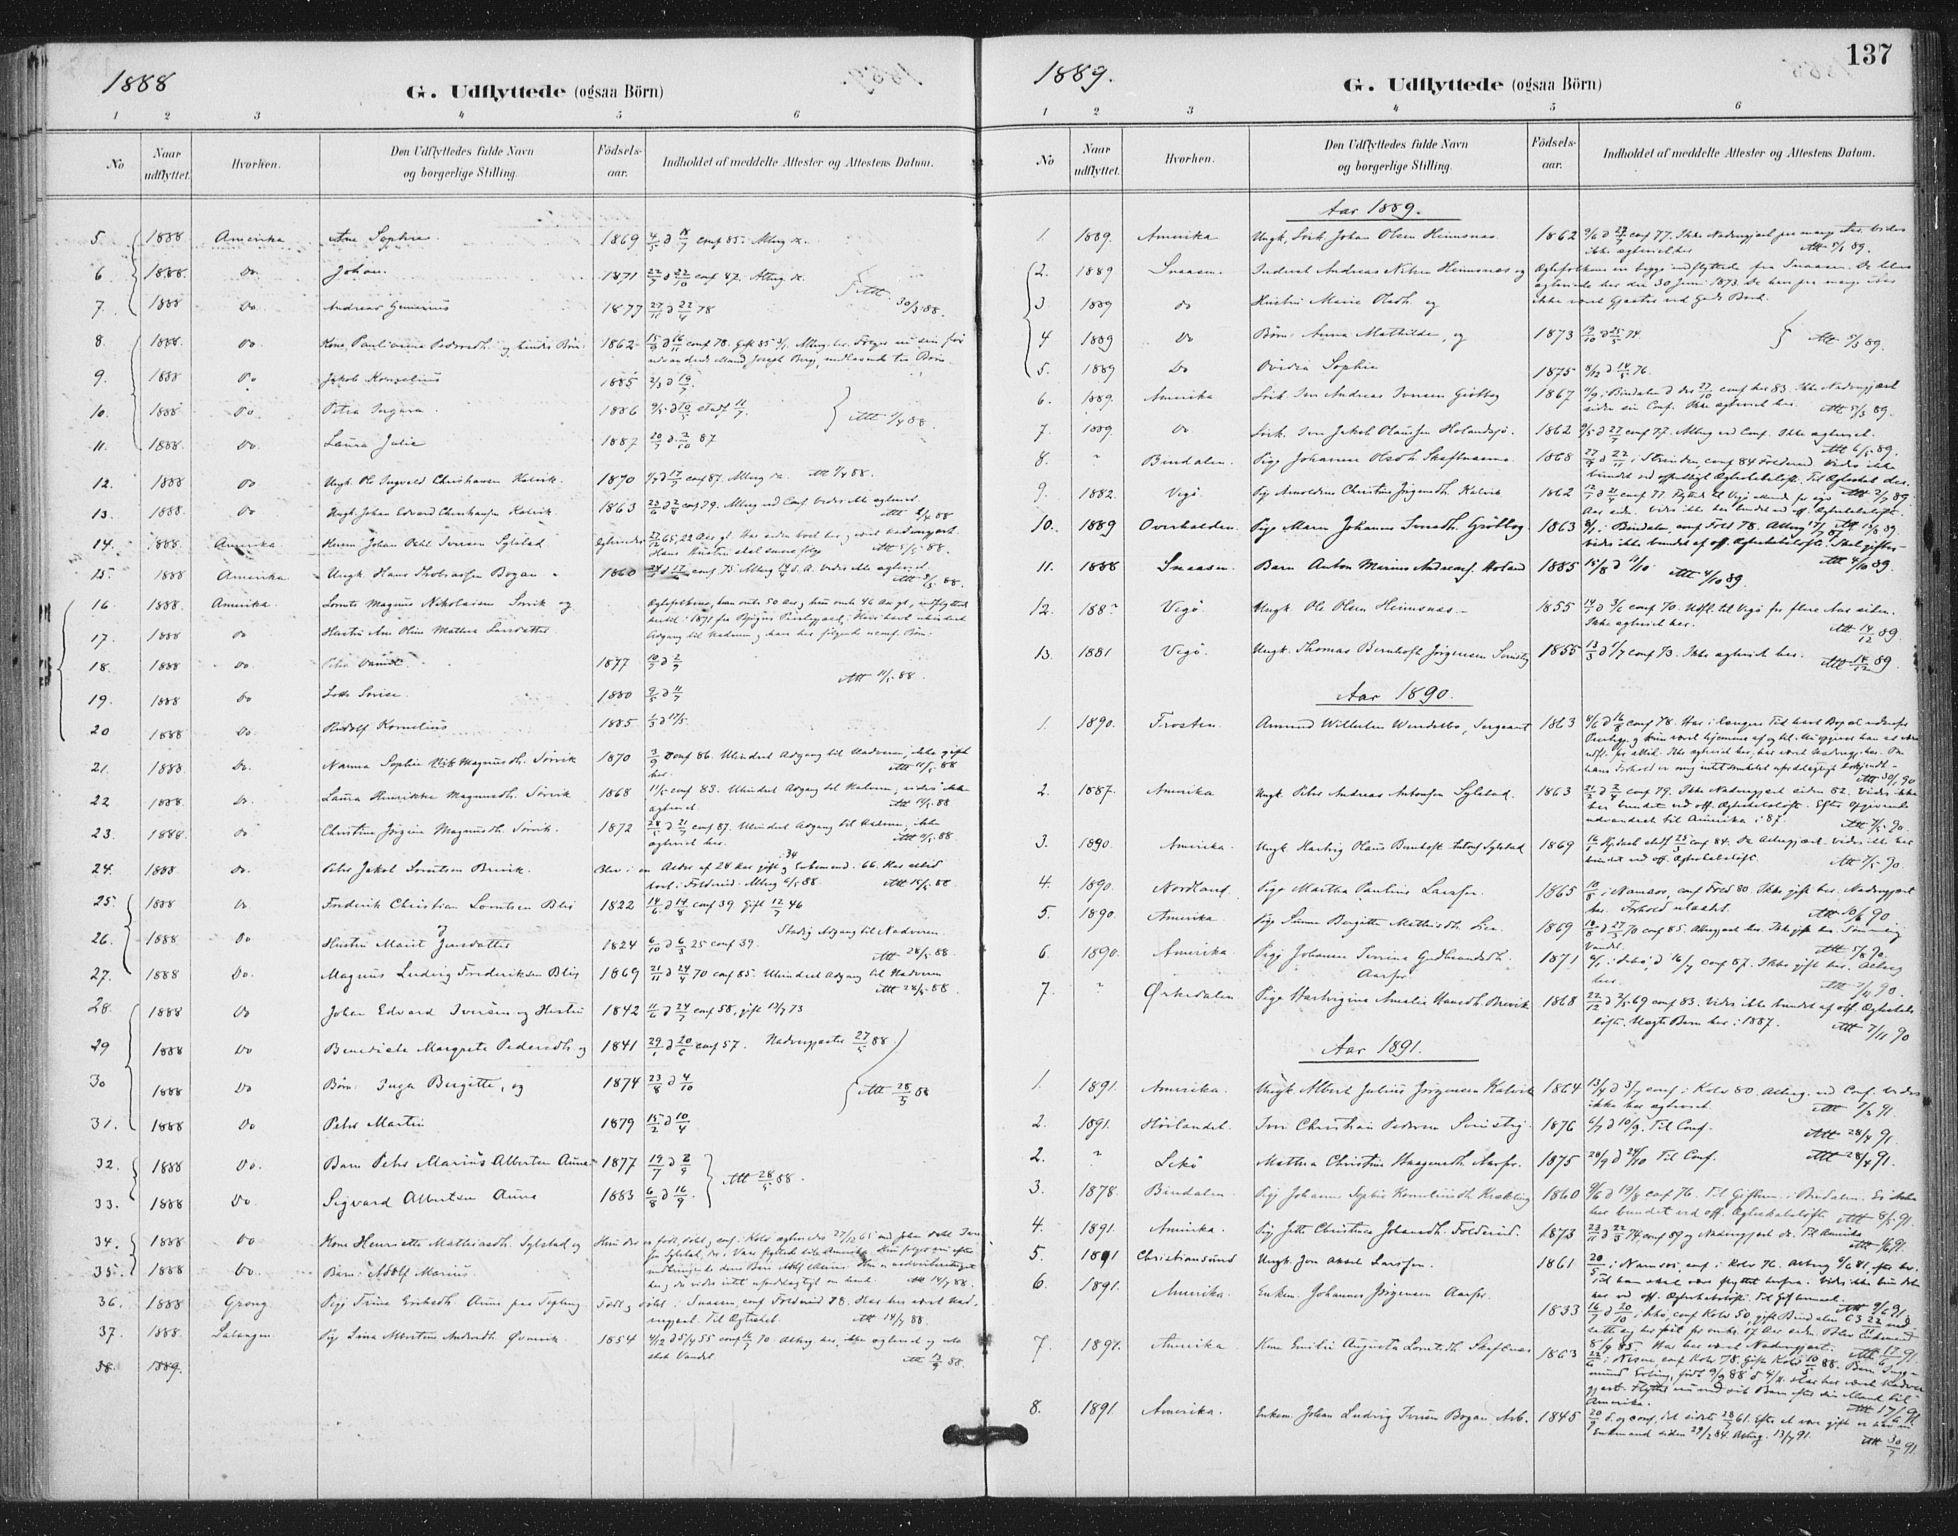 SAT, Ministerialprotokoller, klokkerbøker og fødselsregistre - Nord-Trøndelag, 783/L0660: Ministerialbok nr. 783A02, 1886-1918, s. 137